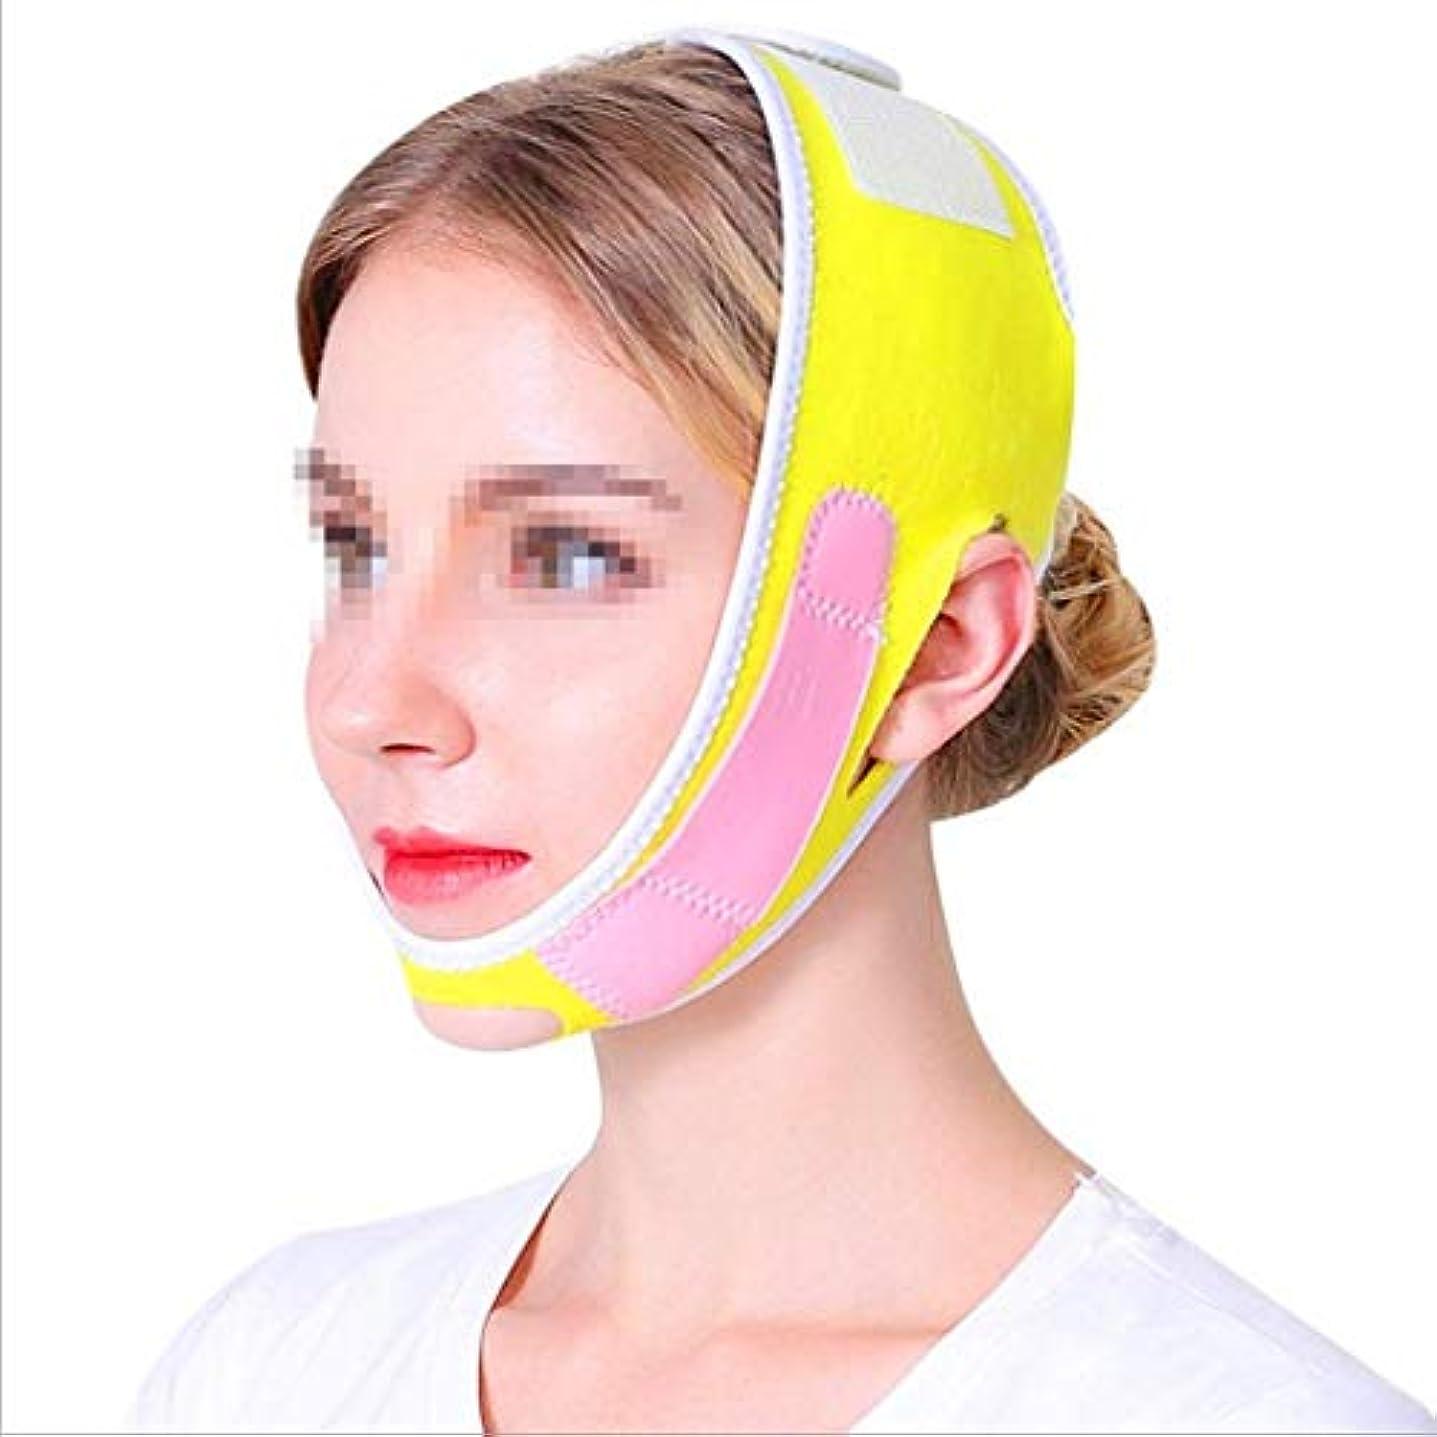 オプショナルアンティークテントフェイスリフトマスク、Vフェイスフェイシャルリフティング、およびローラインにしっかりと締め付けます二重あごの美容整形包帯マルチカラーオプション(カラー:イエロー),黄